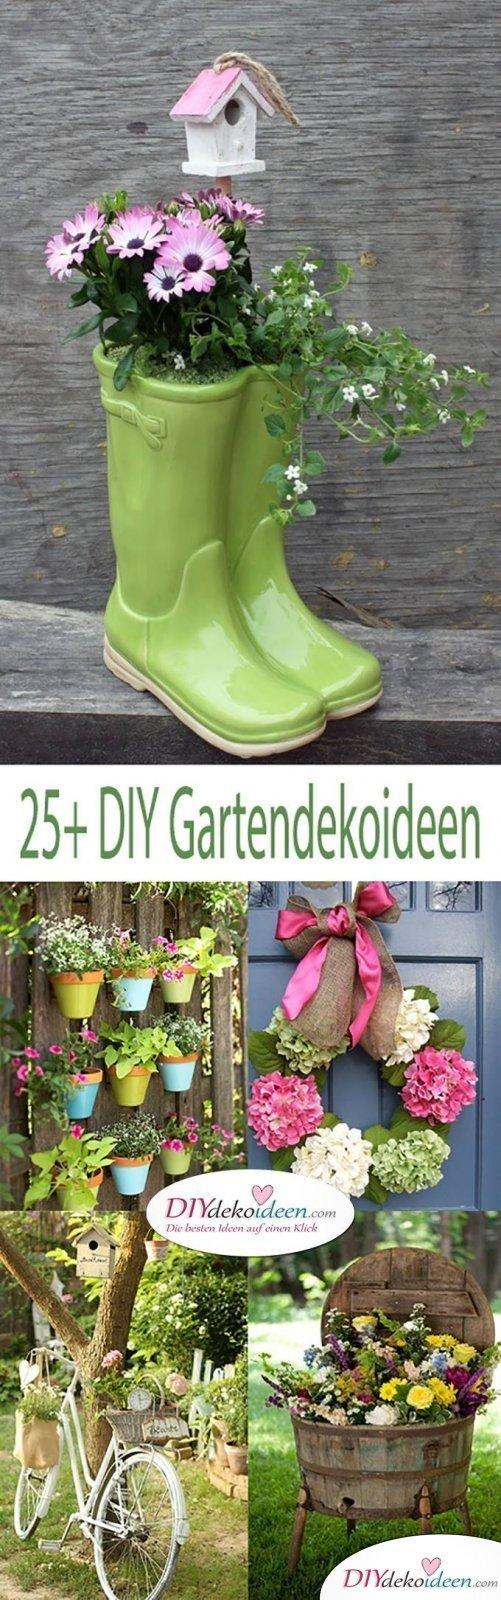 DIY Gartendeko Selber Machen U2013 25+ Dekoideen